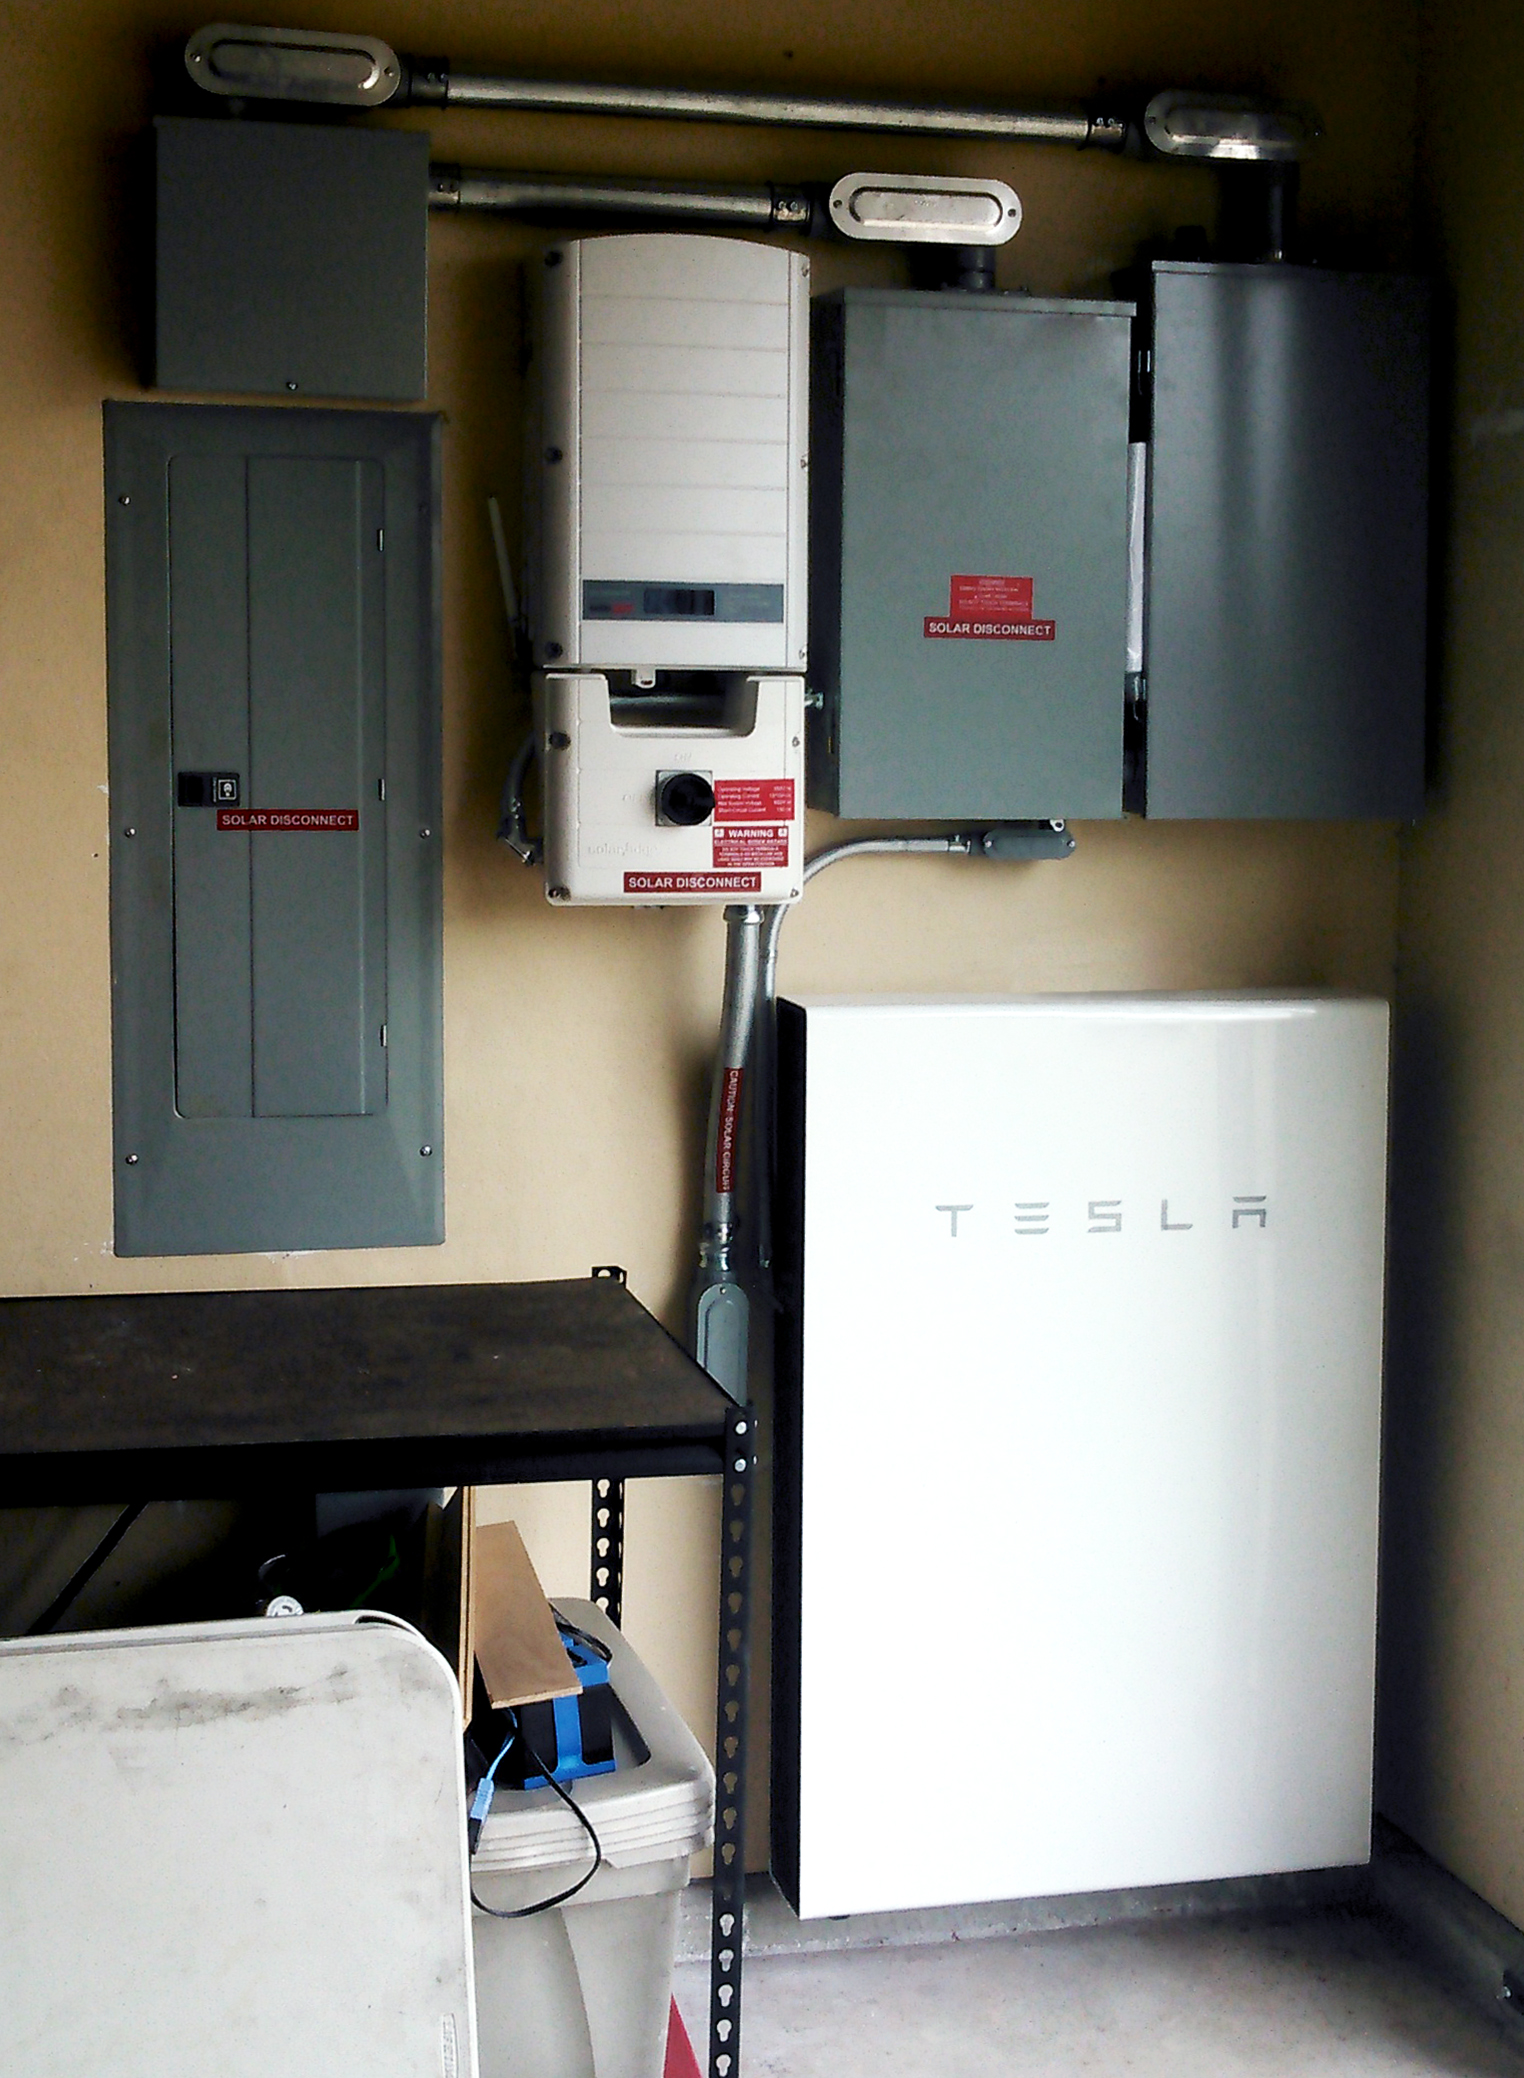 Solarponics installs Tesla Powerwalls